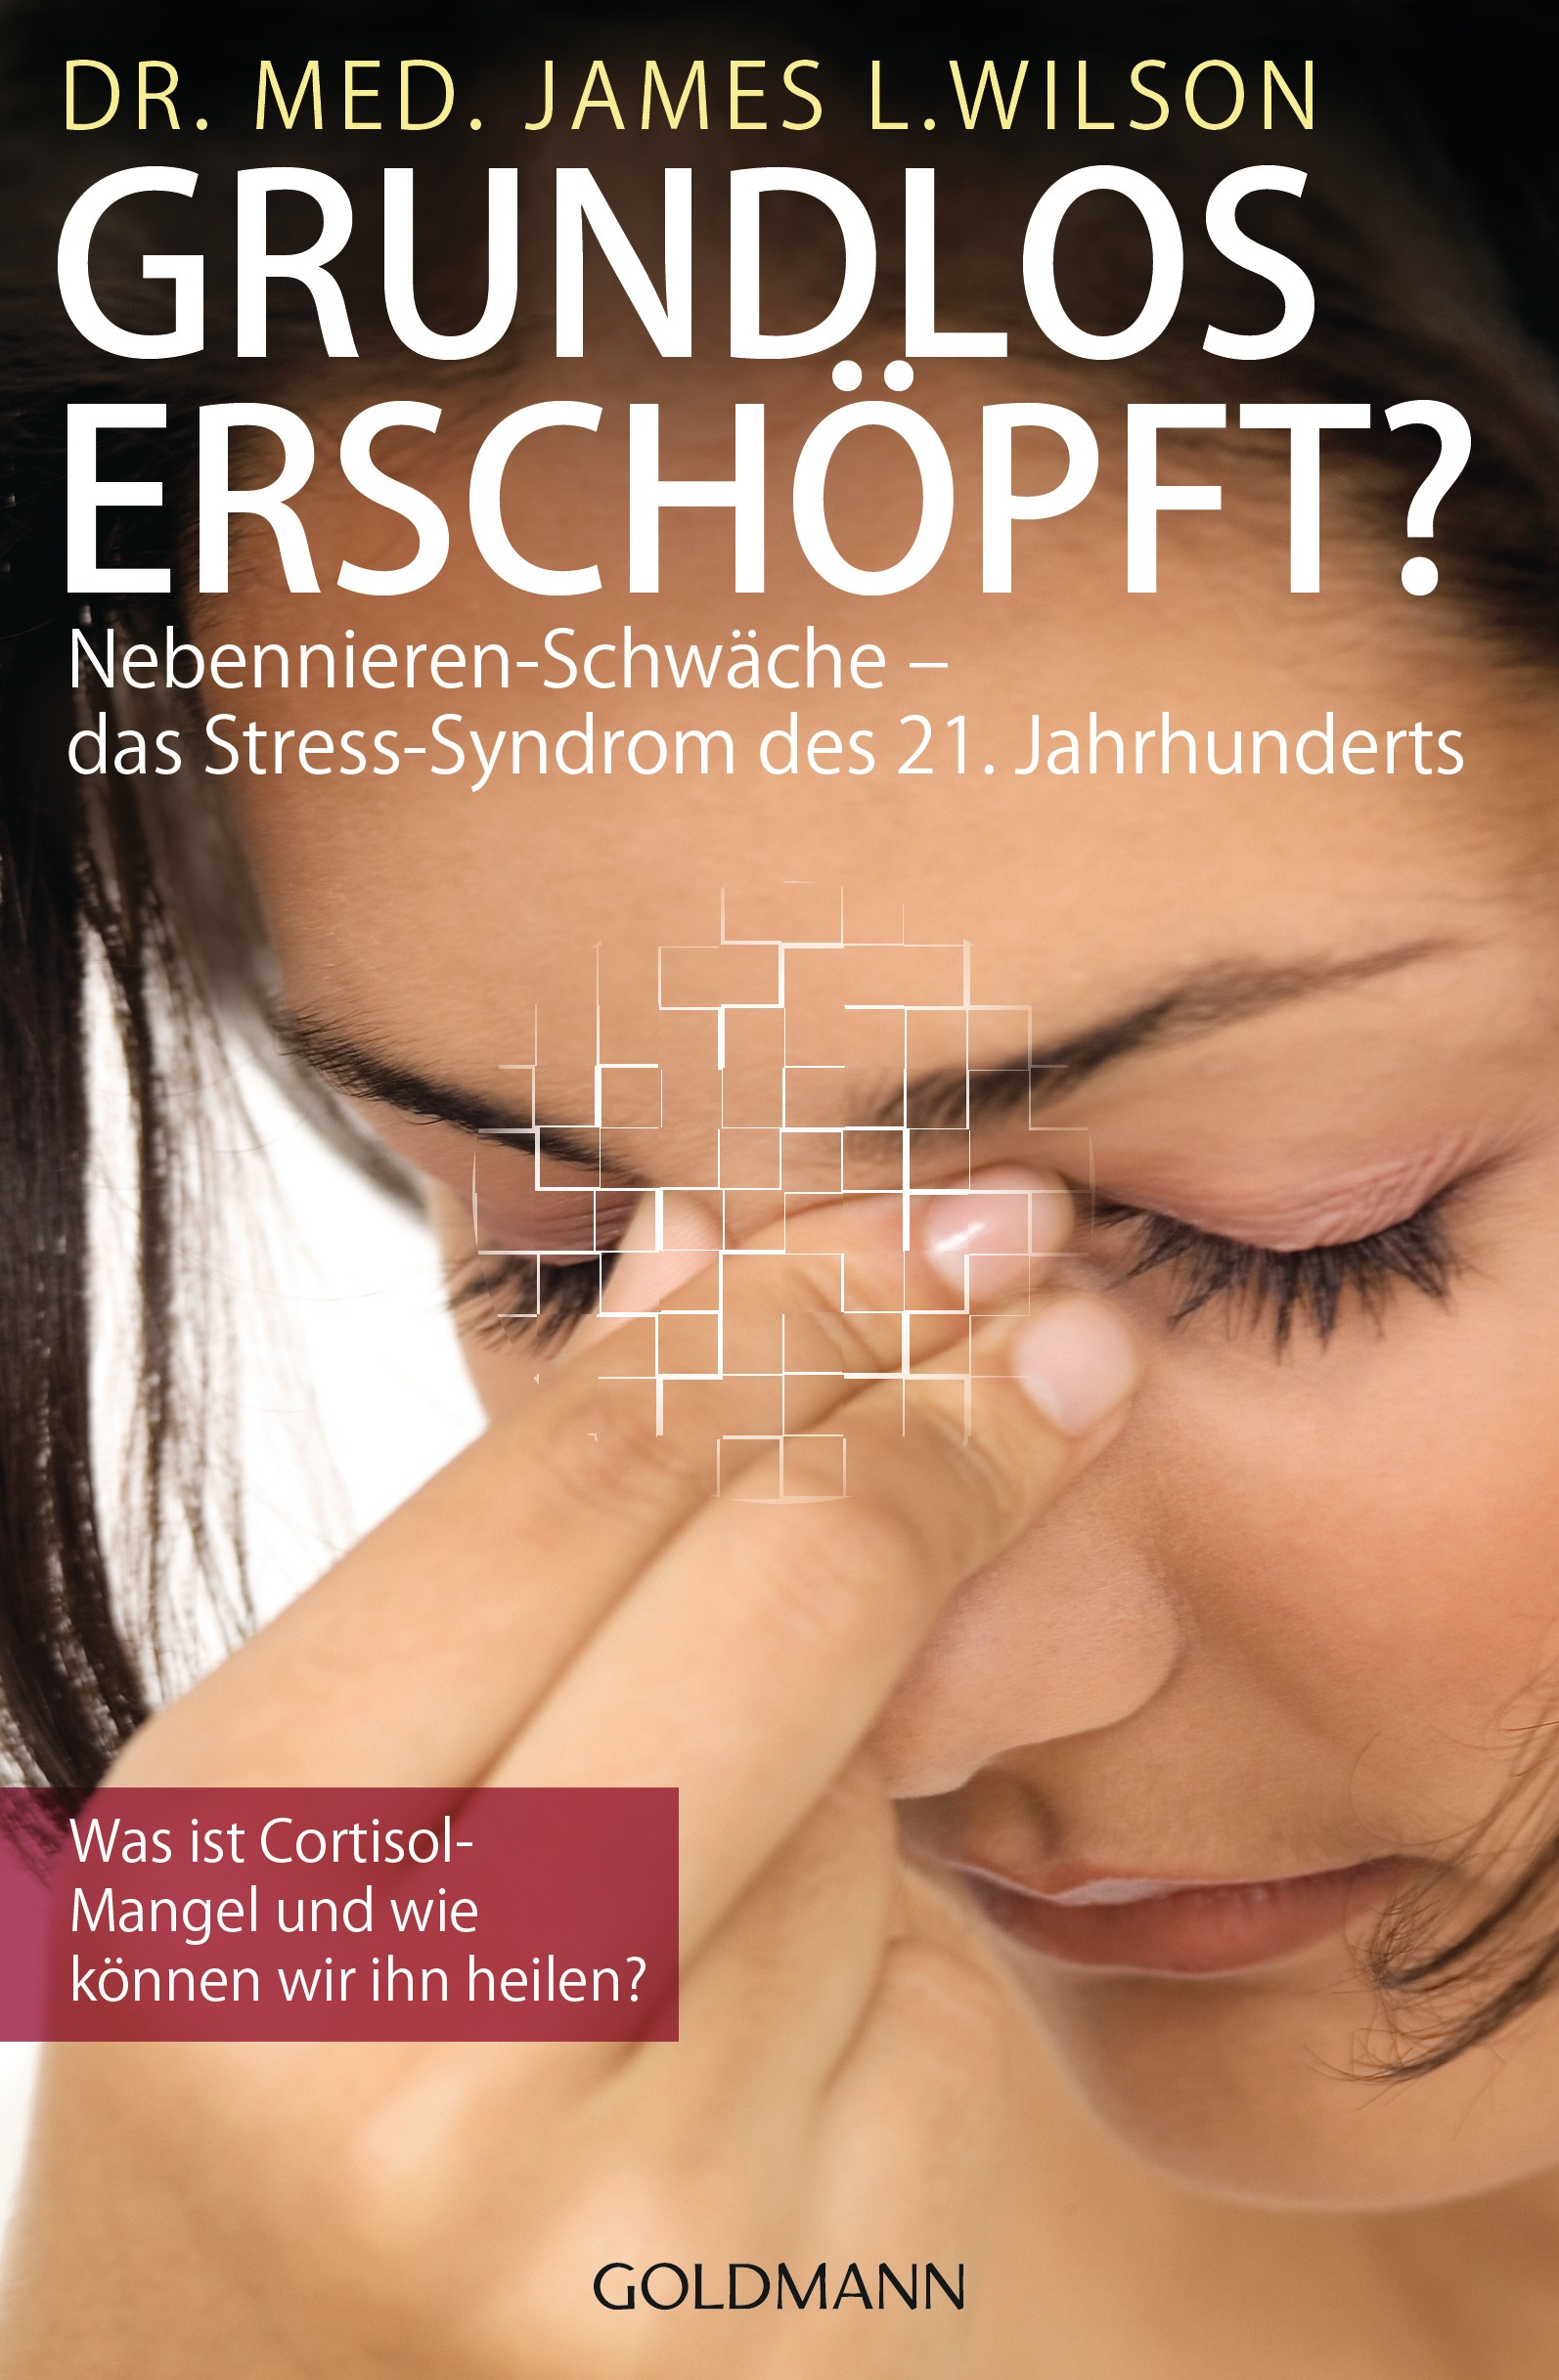 Grundlos erschöpft?: Nebennieren-Insuffizienz - das Stress-Syndrom des 21. Jahrhunderts - James L. Wilson